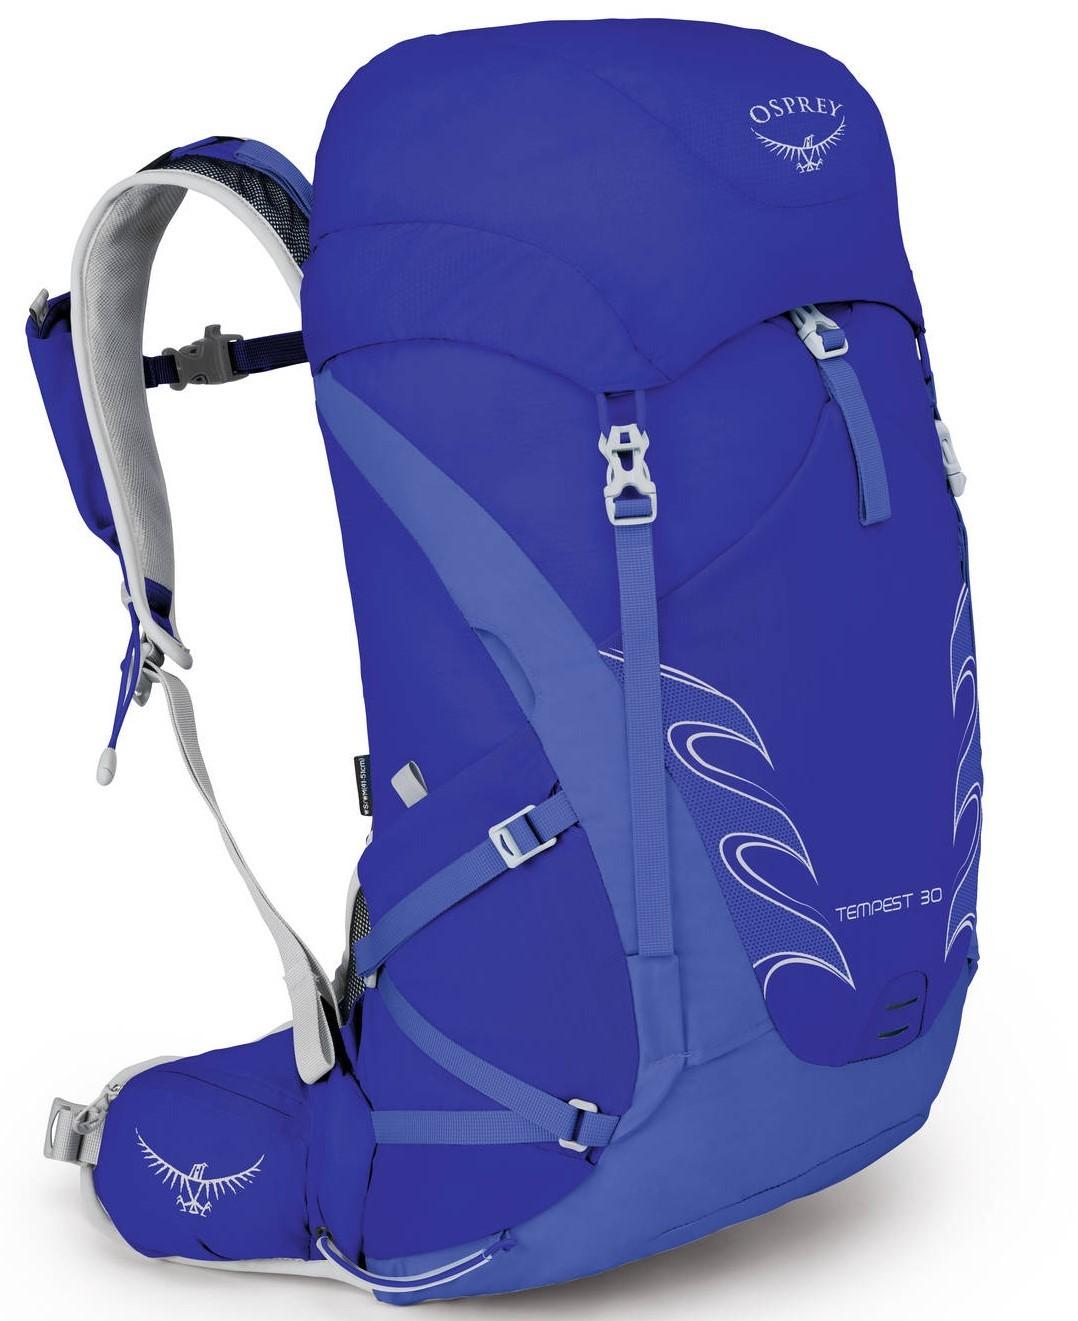 Туристические рюкзаки Рюкзак женский Osprey Tempest 30 Tempest_30_S17_Side_Iris_Blue_web.jpg